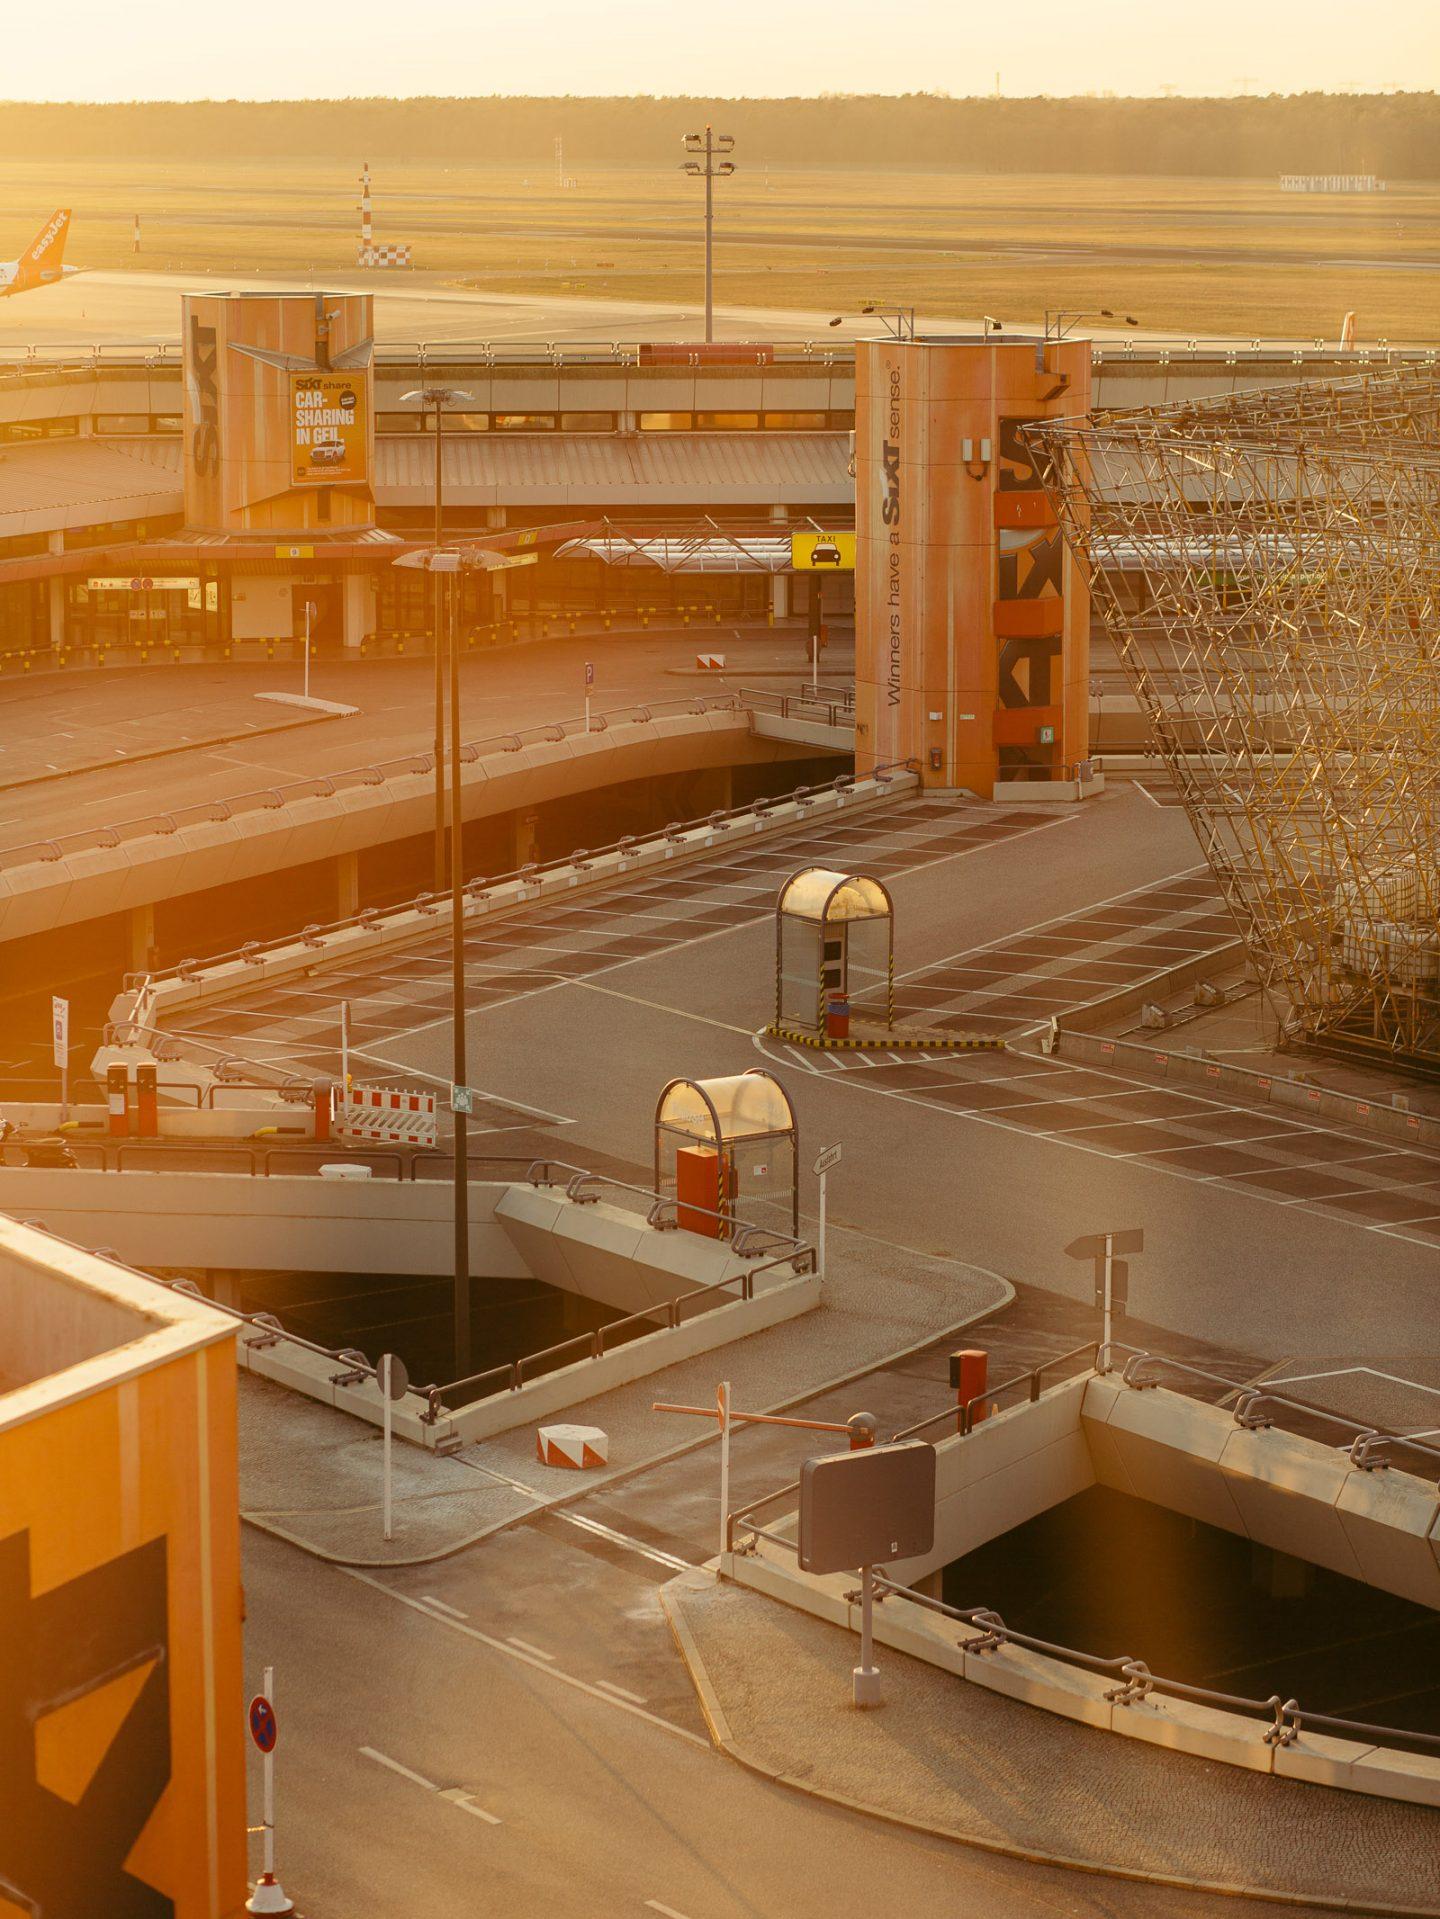 IGNANT-Photography-Flughafen-Tegel-Felix-Bruggemann-Robert-Rieger-08